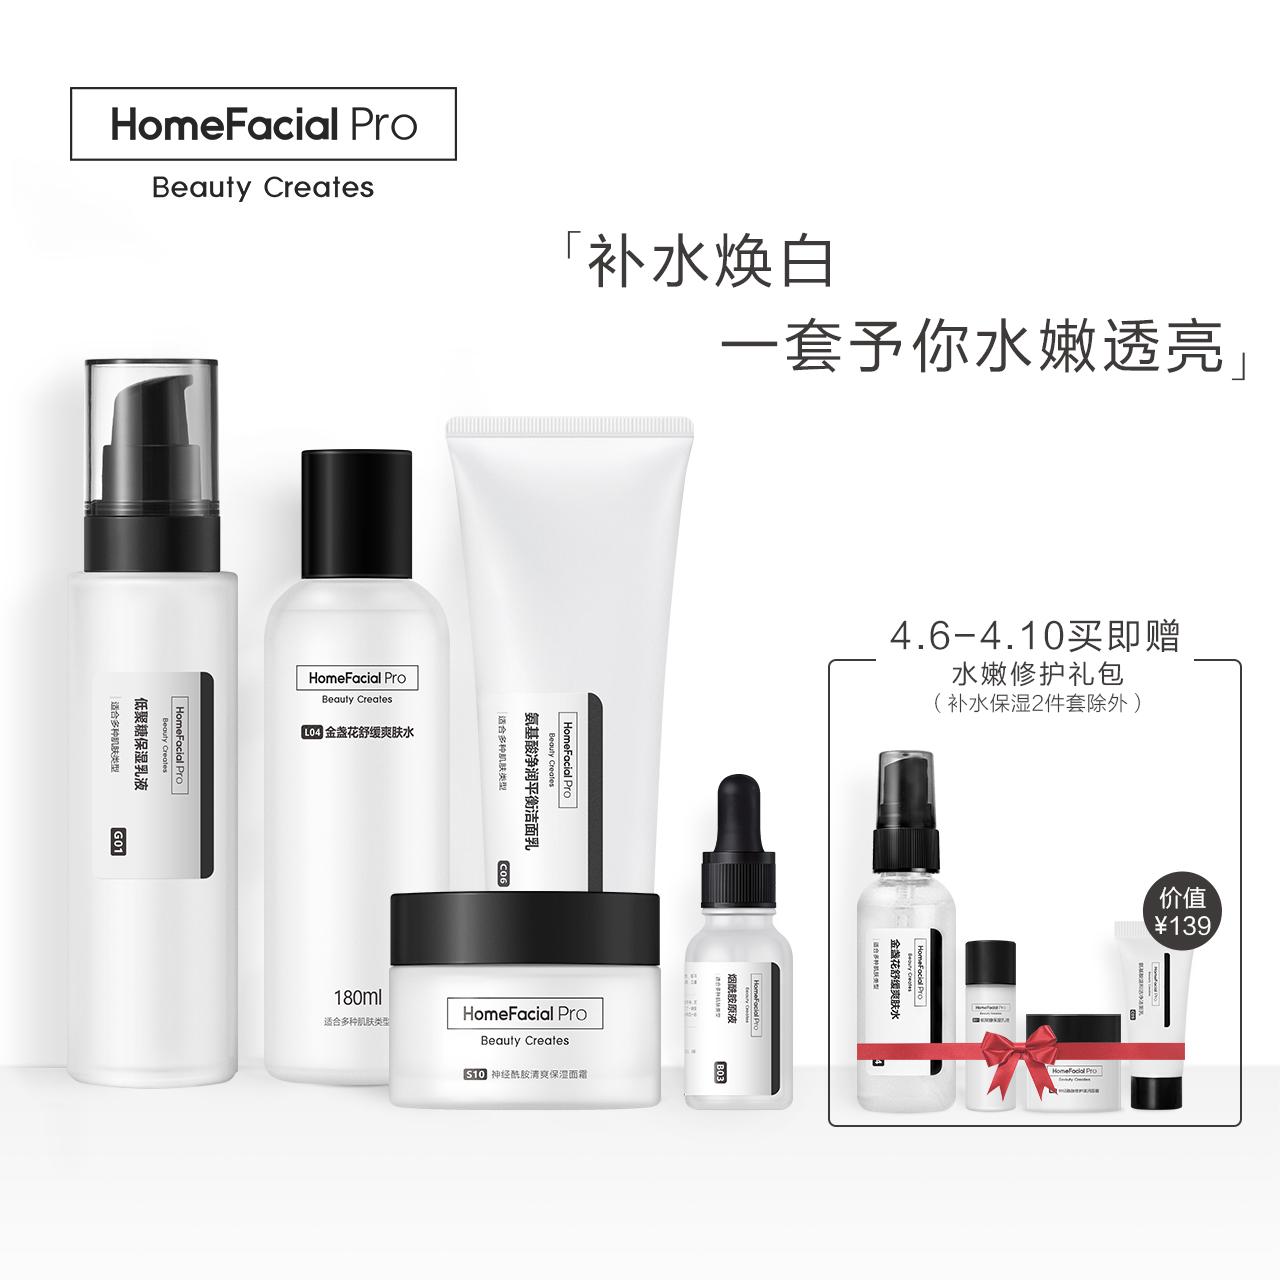 HFP补水保湿亮肤套装 爽肤水乳液控油烟酰胺护肤化妆品正品男女士图片